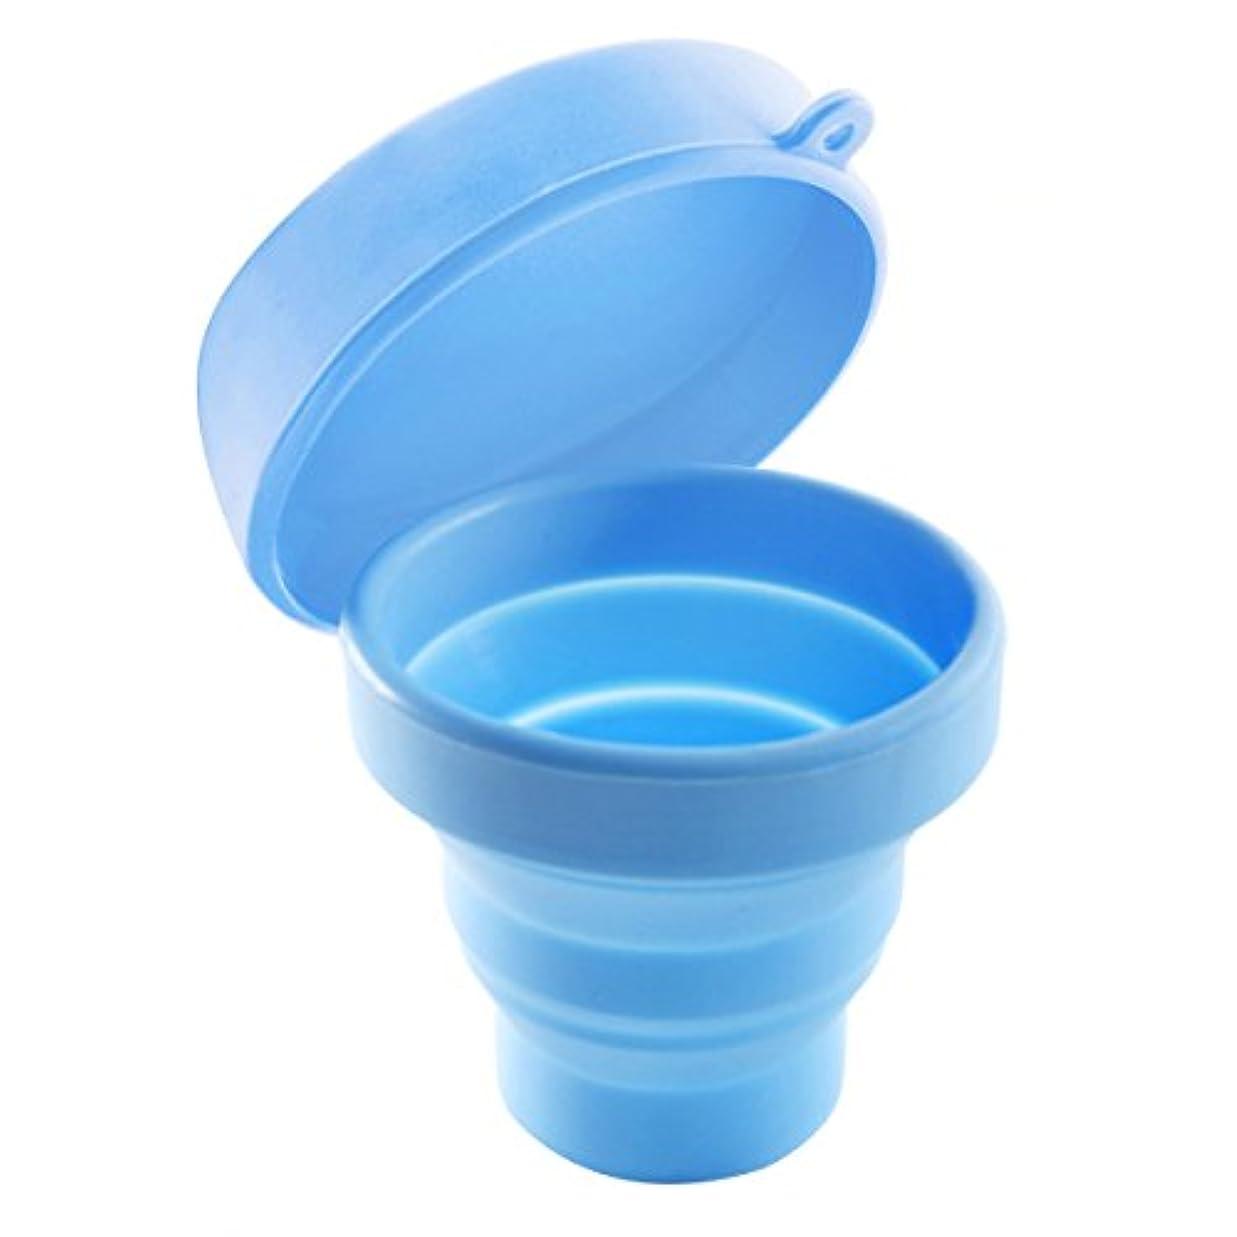 楕円形レビューアメリカROSENICE 折りたたみ式カップ(蓋付き)ポータブルポップアップカップ(キャンプ用)ピクニックハイキングアウトドアアクティビティ(ブルー)